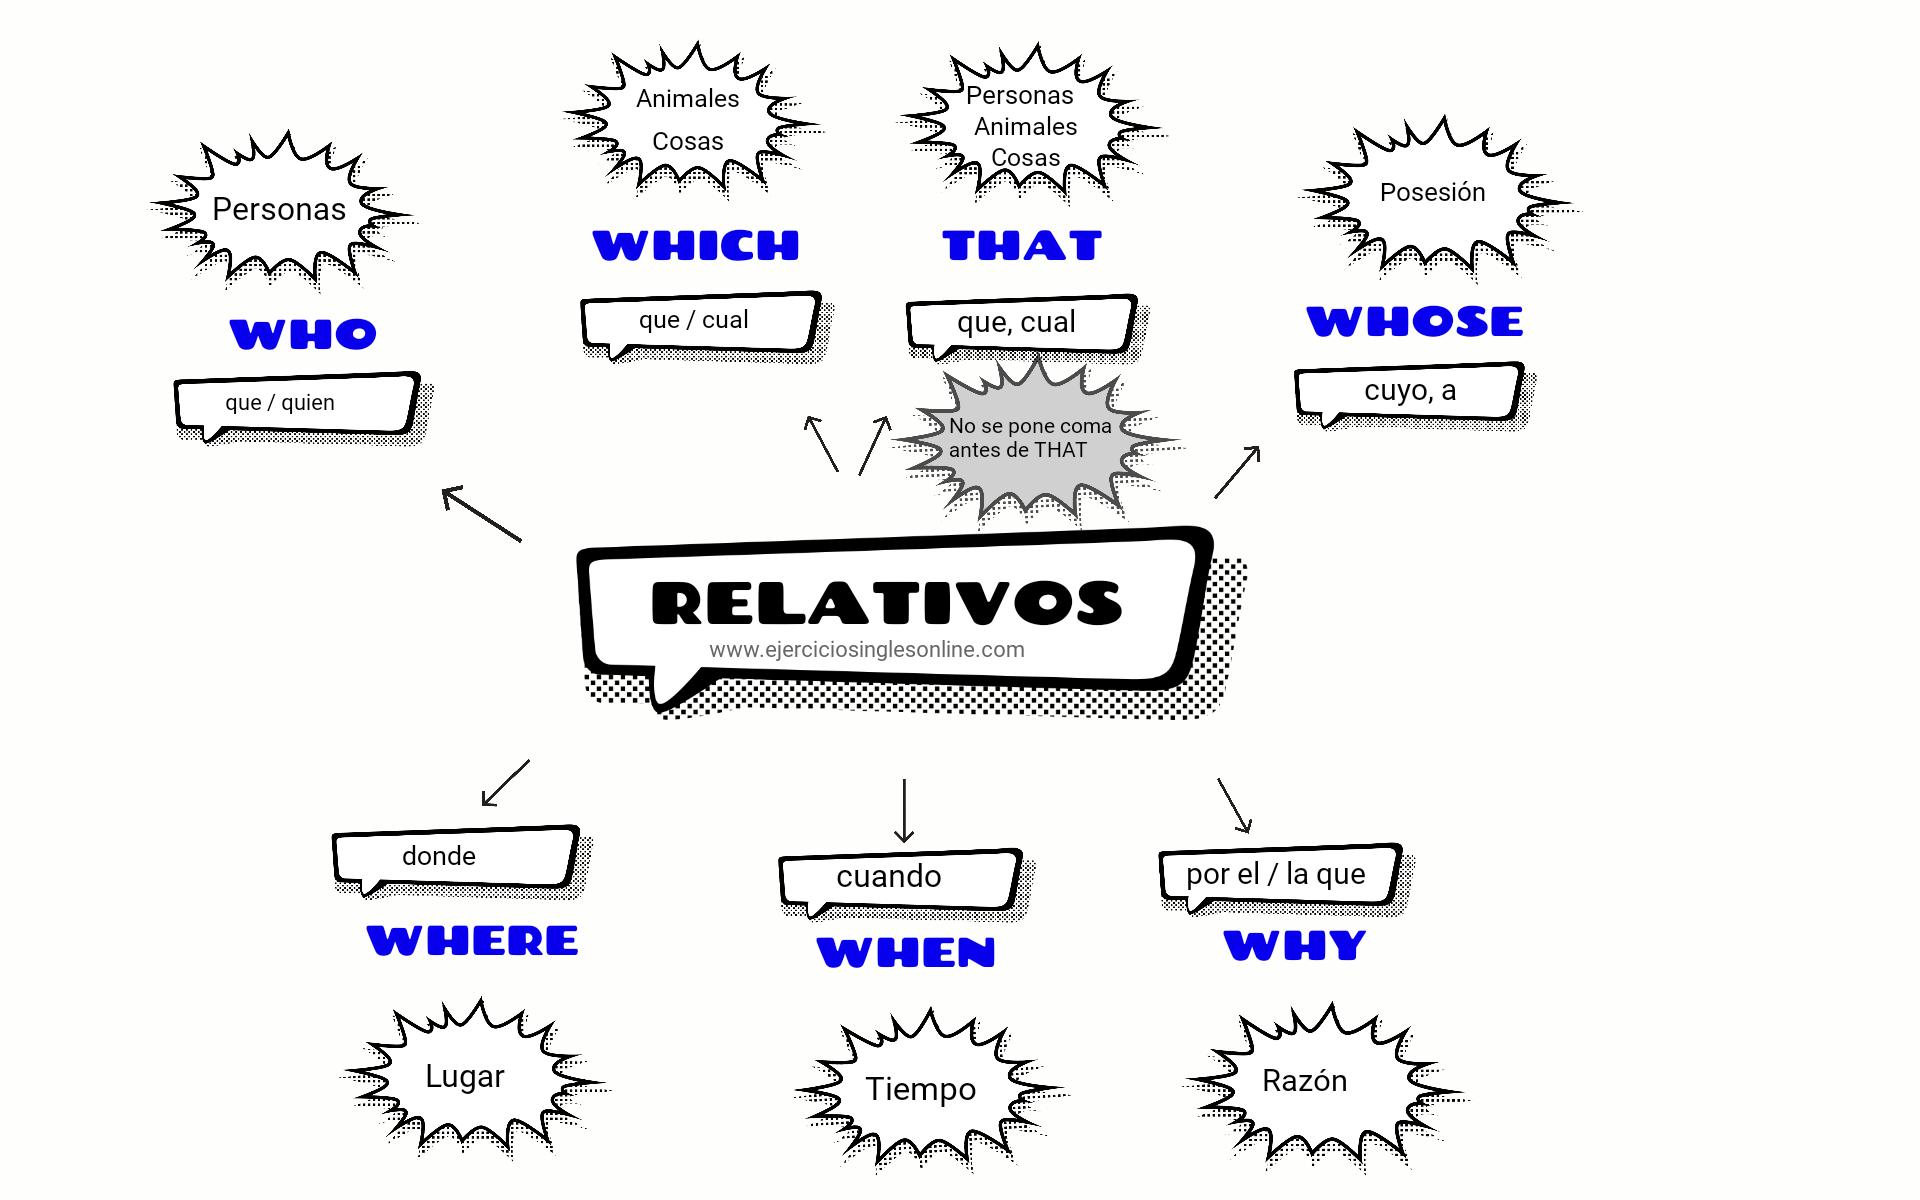 Relativos - Ejercicio 5 - Interactivo